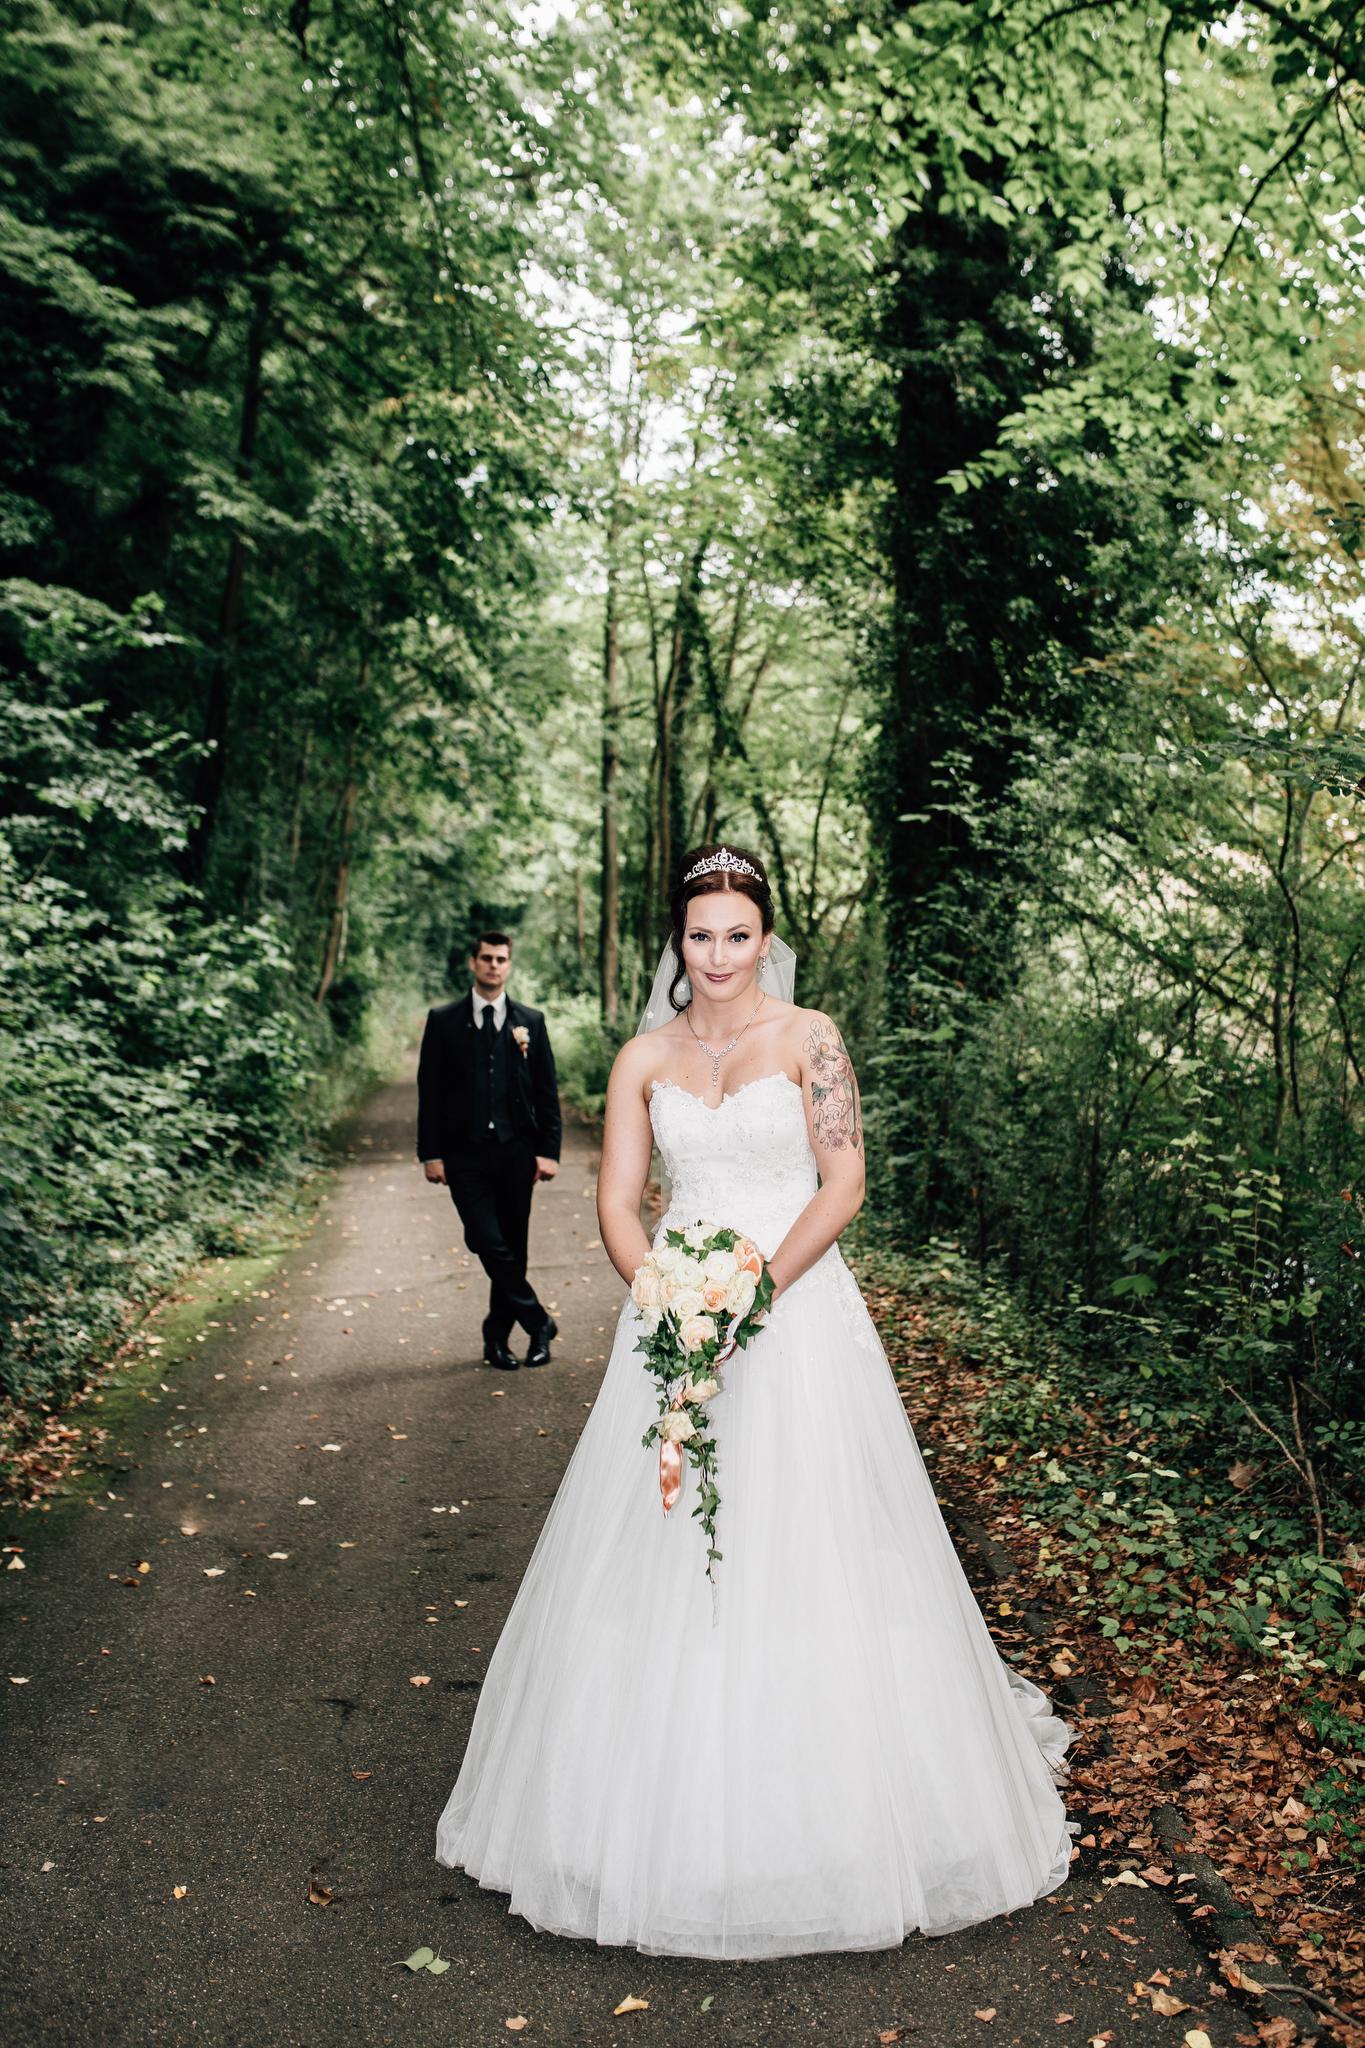 Claudia Krawinkel Fotografie Hochzeitsfotografie Hochzeit Blumenhalle im Brückenkopfpark Jülich Essen Düsseldorf Bochum Dortmund Mönchengladbach NRW Ruhrgebiet 72